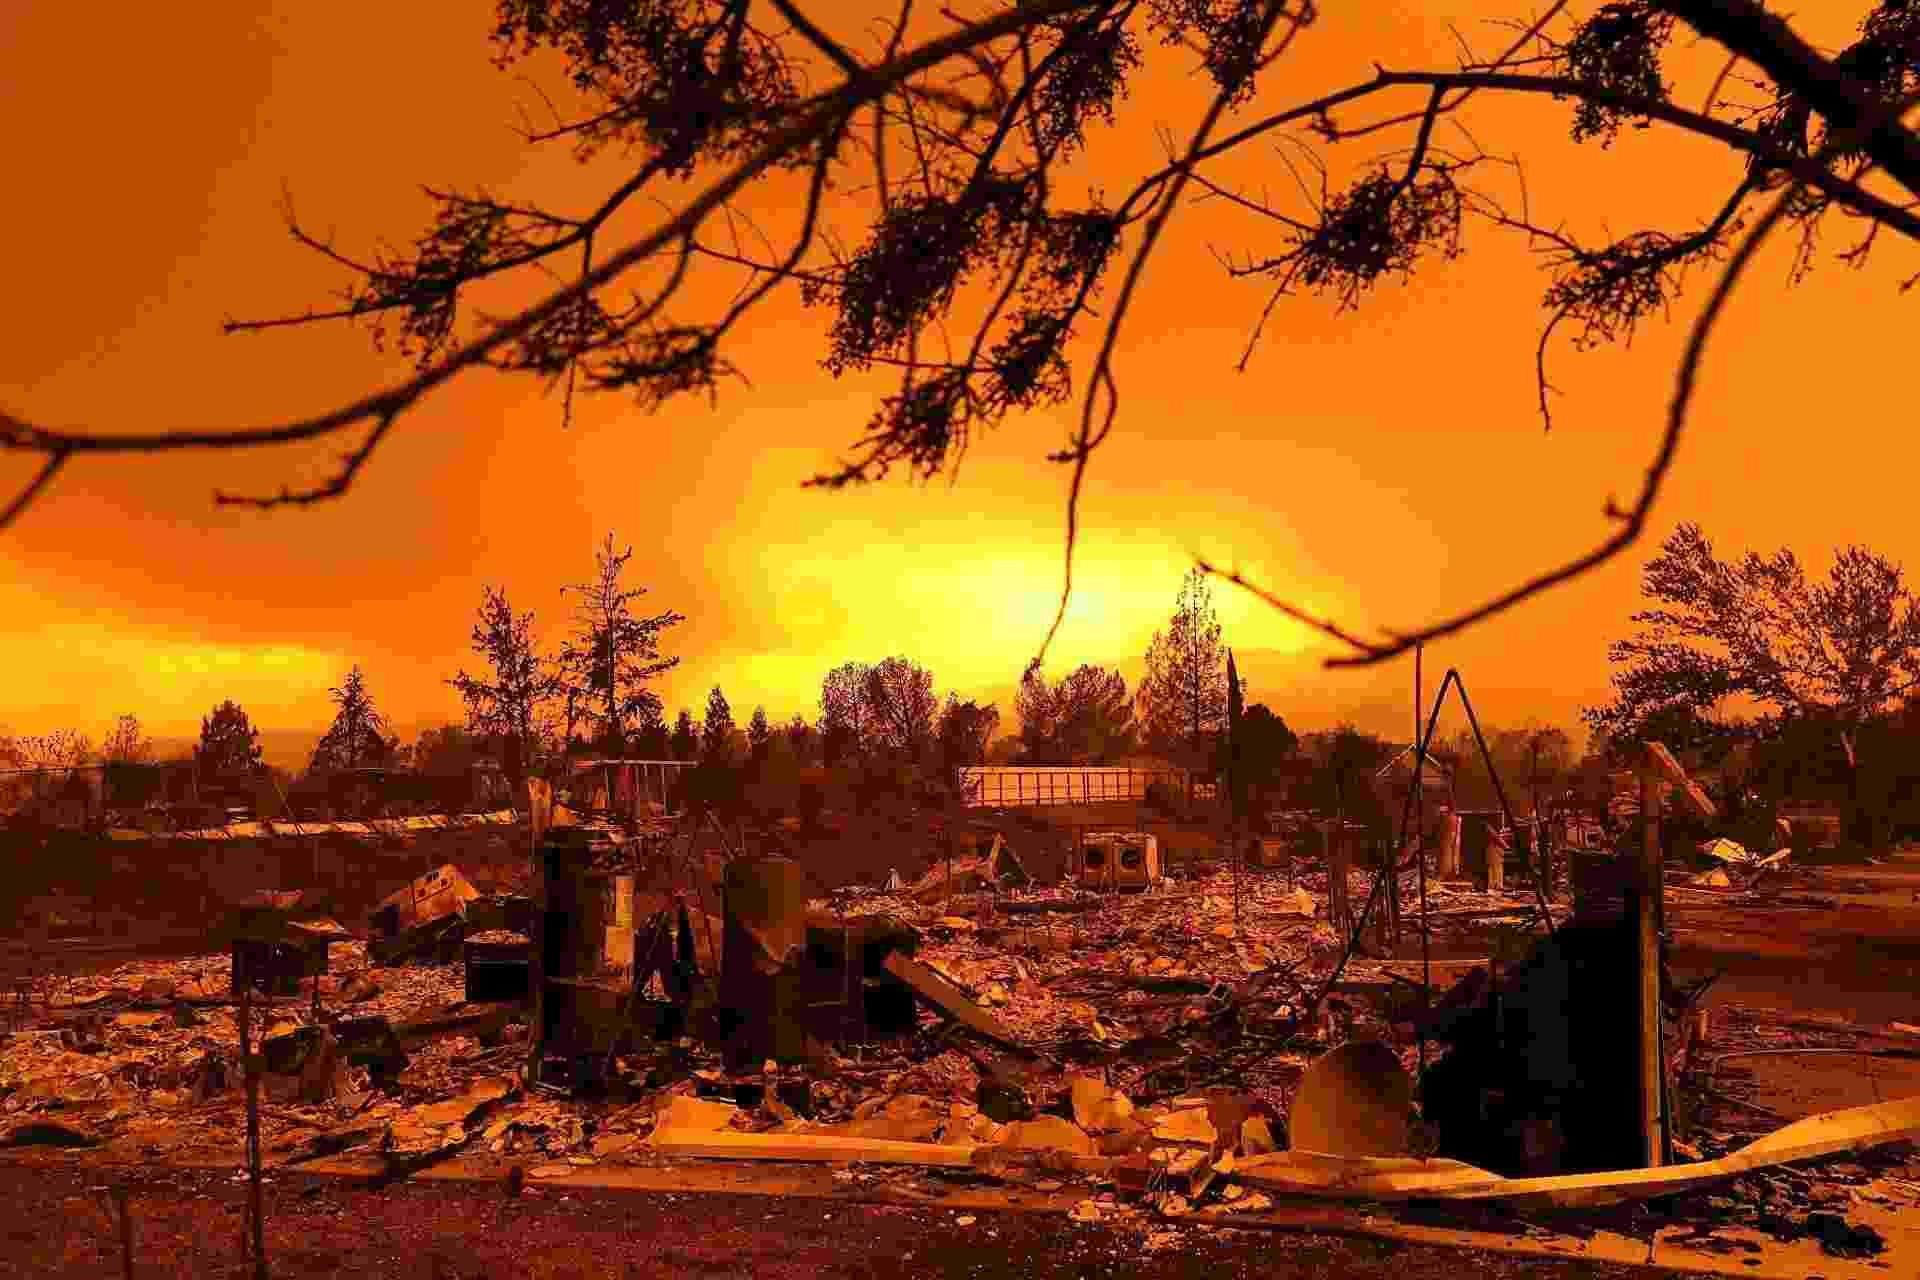 27.jul.2018 - Casas destruídas pelo incêndio Carr em Redding, na Califórnia (Estados Unidos). Um bombeiro e outro agente público morreram durante as operações de controle ao incêndio, que já destruiu dezenas de casas - Justin Sullivan/Getty Images